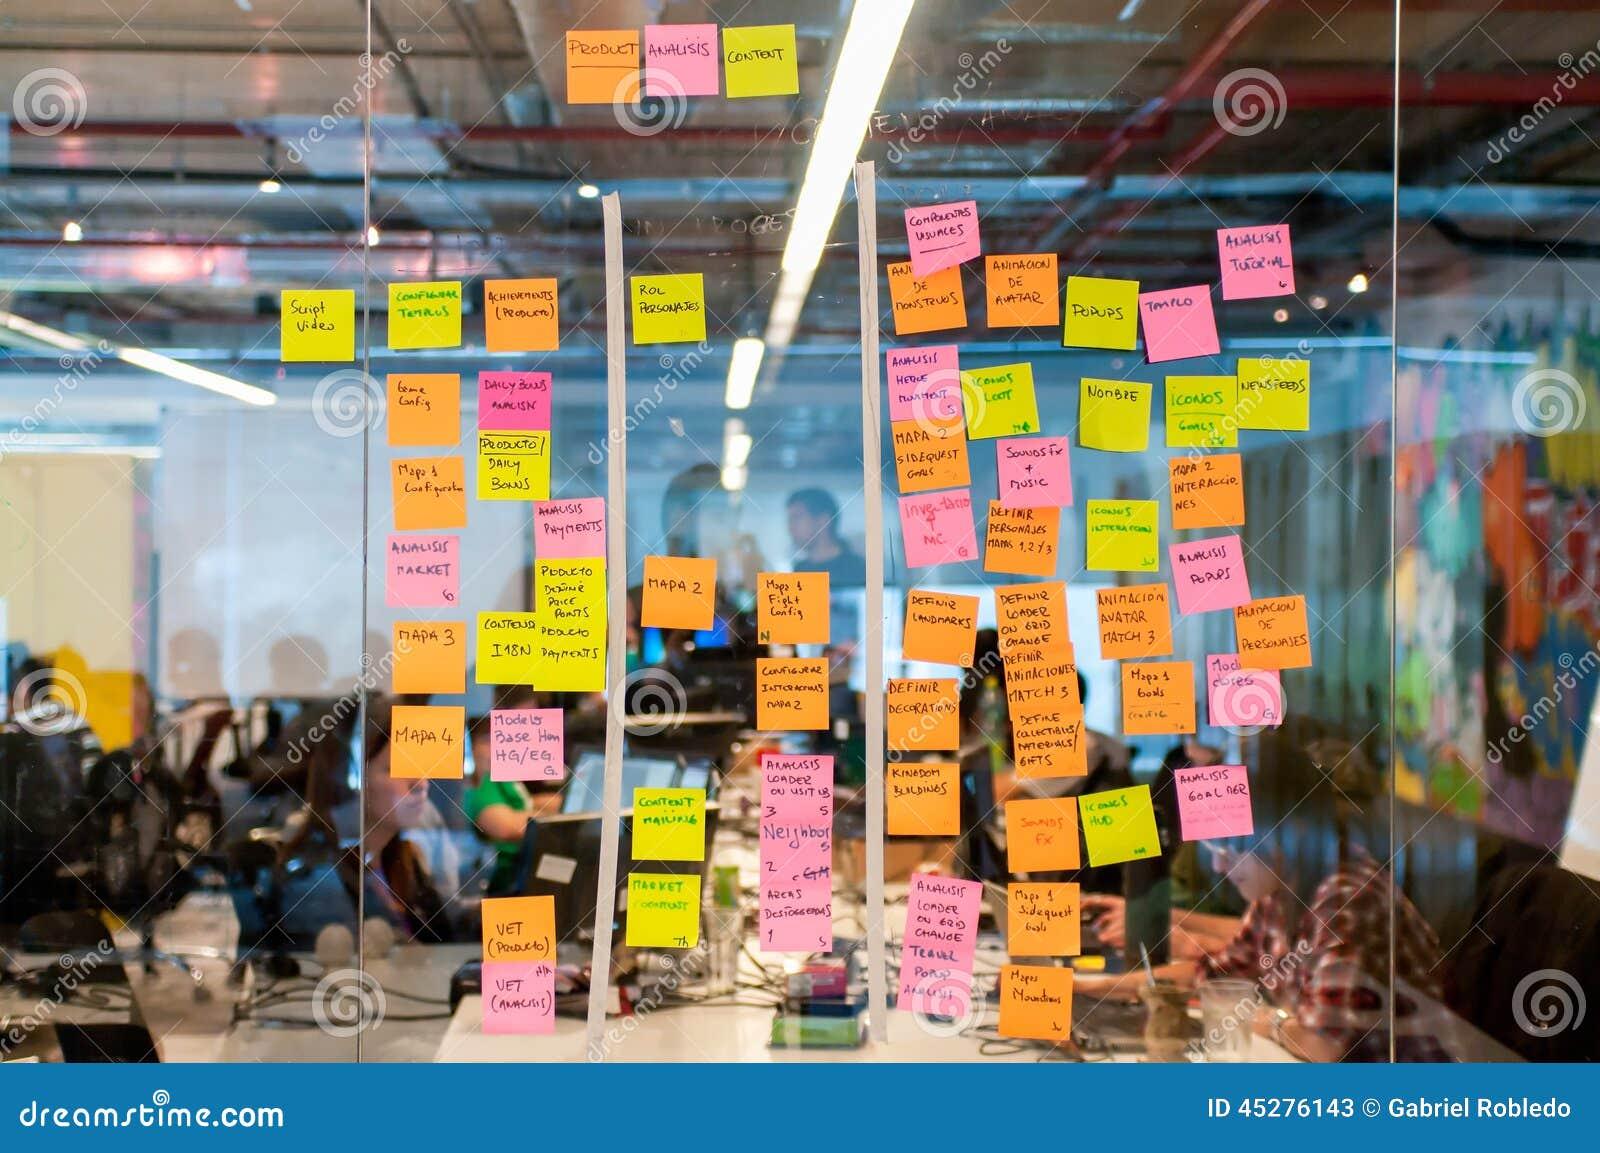 Post-it del tablero del intercambio de ideas